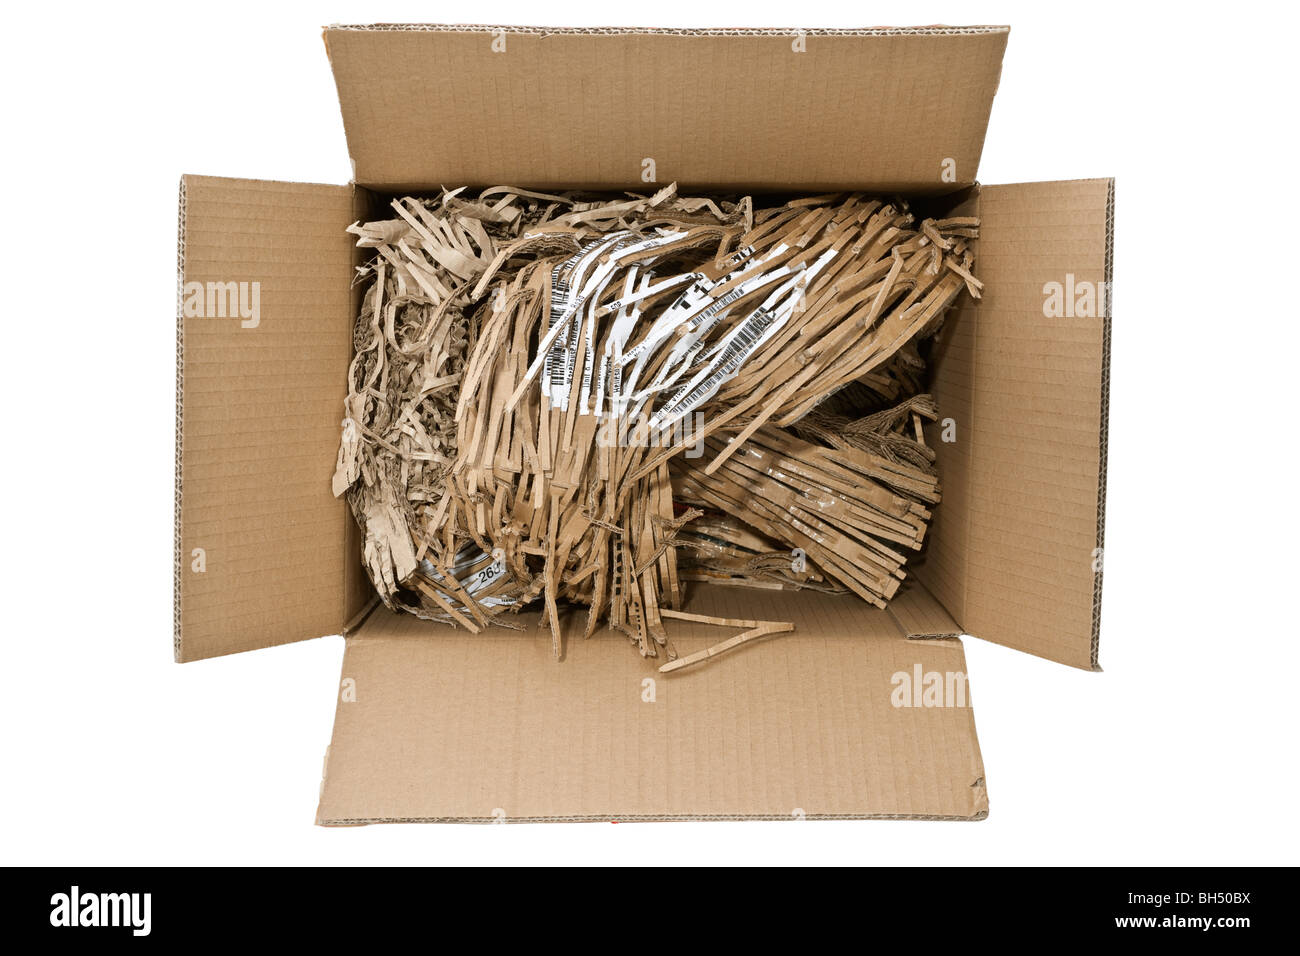 Mirando hacia abajo dentro de una caja de cartón llena de pedazos de cartón material de embalaje reciclados Imagen De Stock